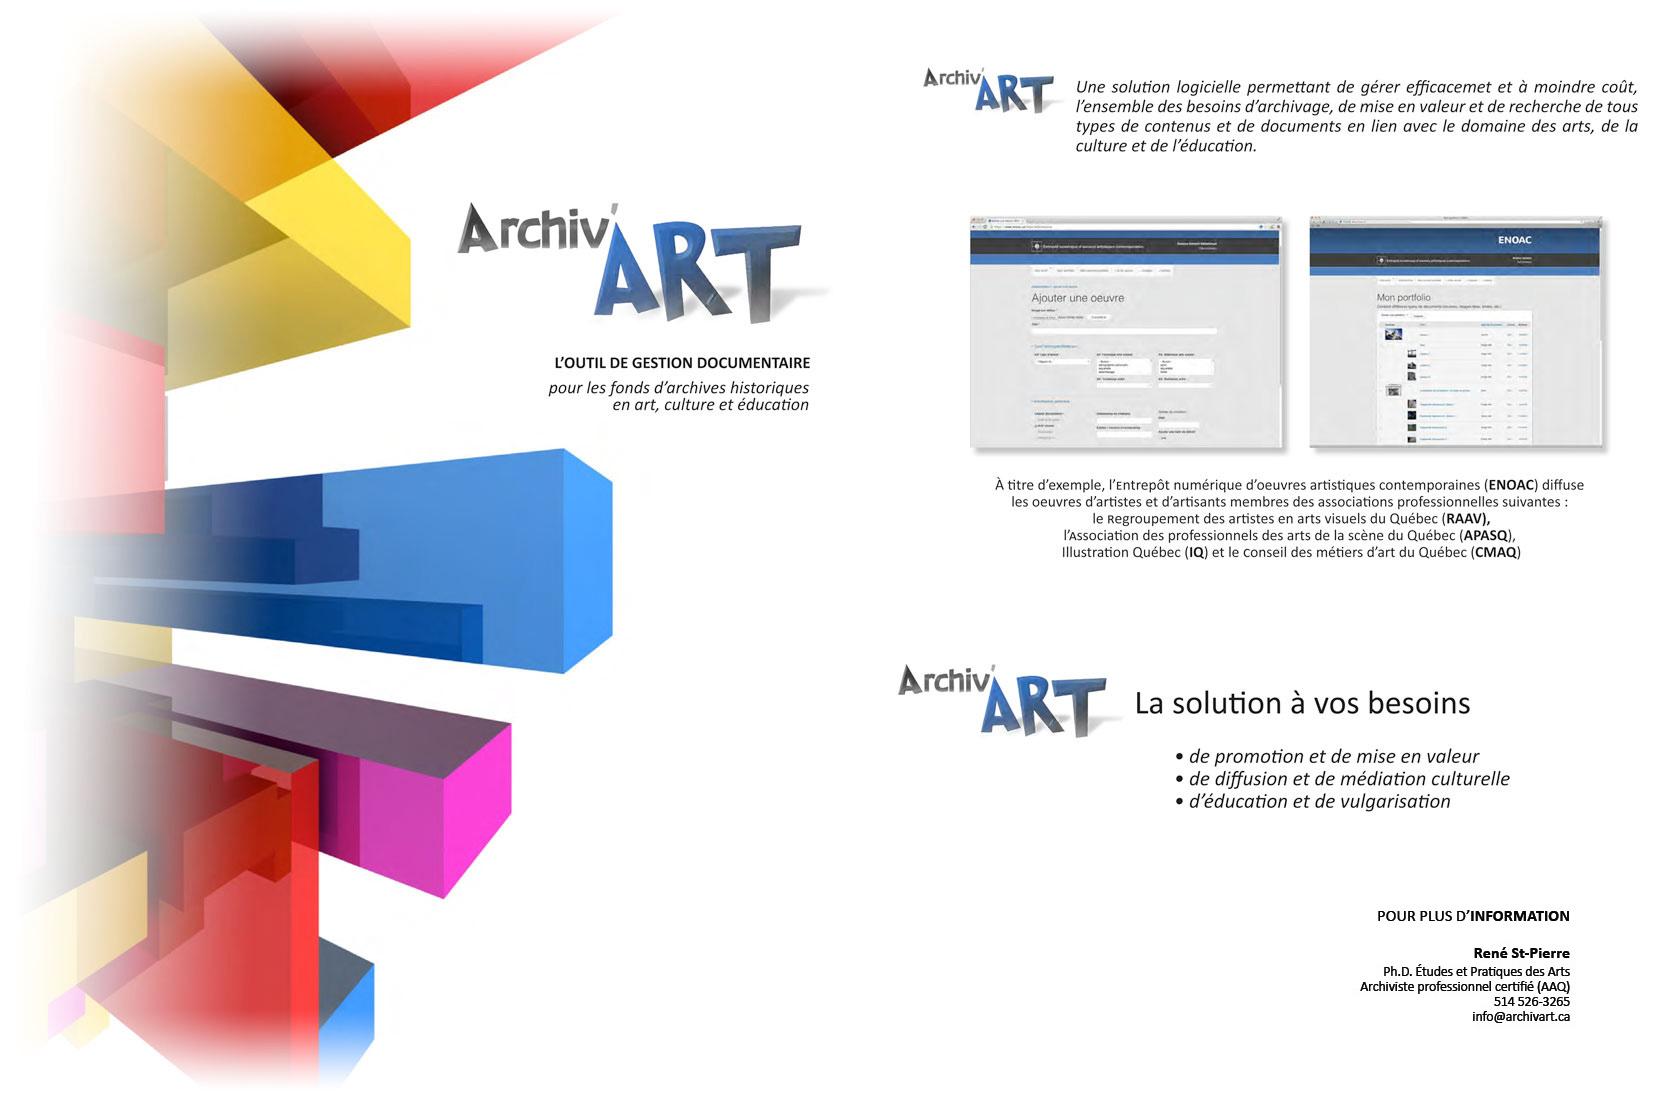 archivart1